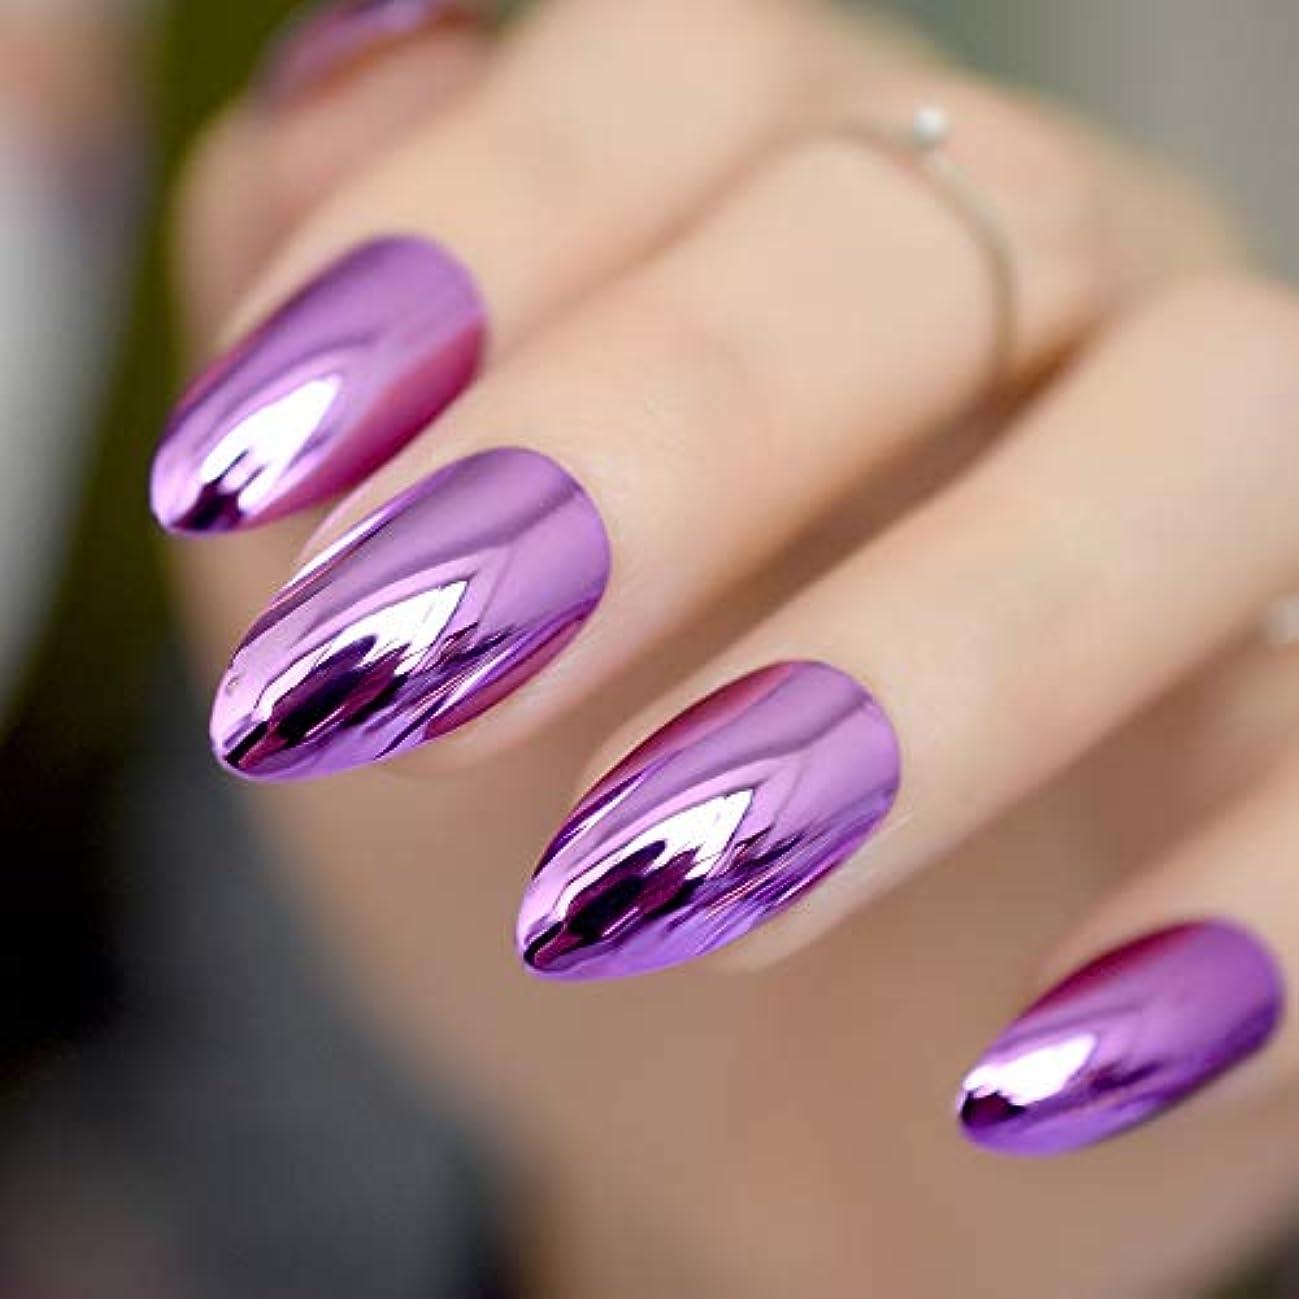 軌道弁護士ウォーターフロントXUTXZKA 女性の指のヒントのためのアクリルパープル偽ネイルメタルミラー偽ネイルミディアムシャープスチレットネイル